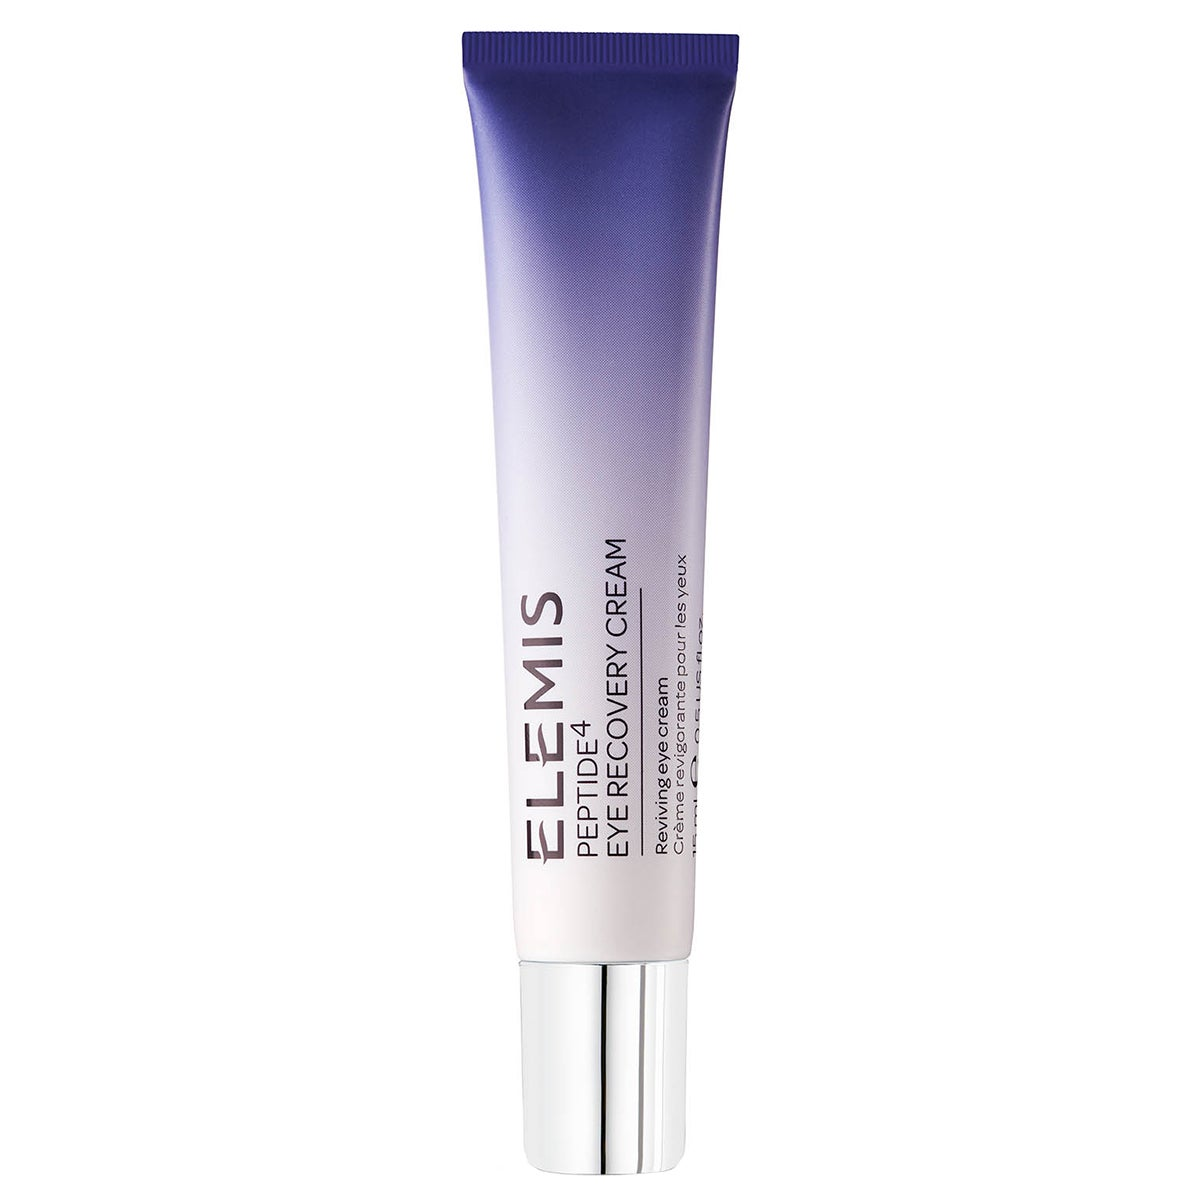 Peptide4 Recovery Eye Cream,  Elemis Ögonkräm